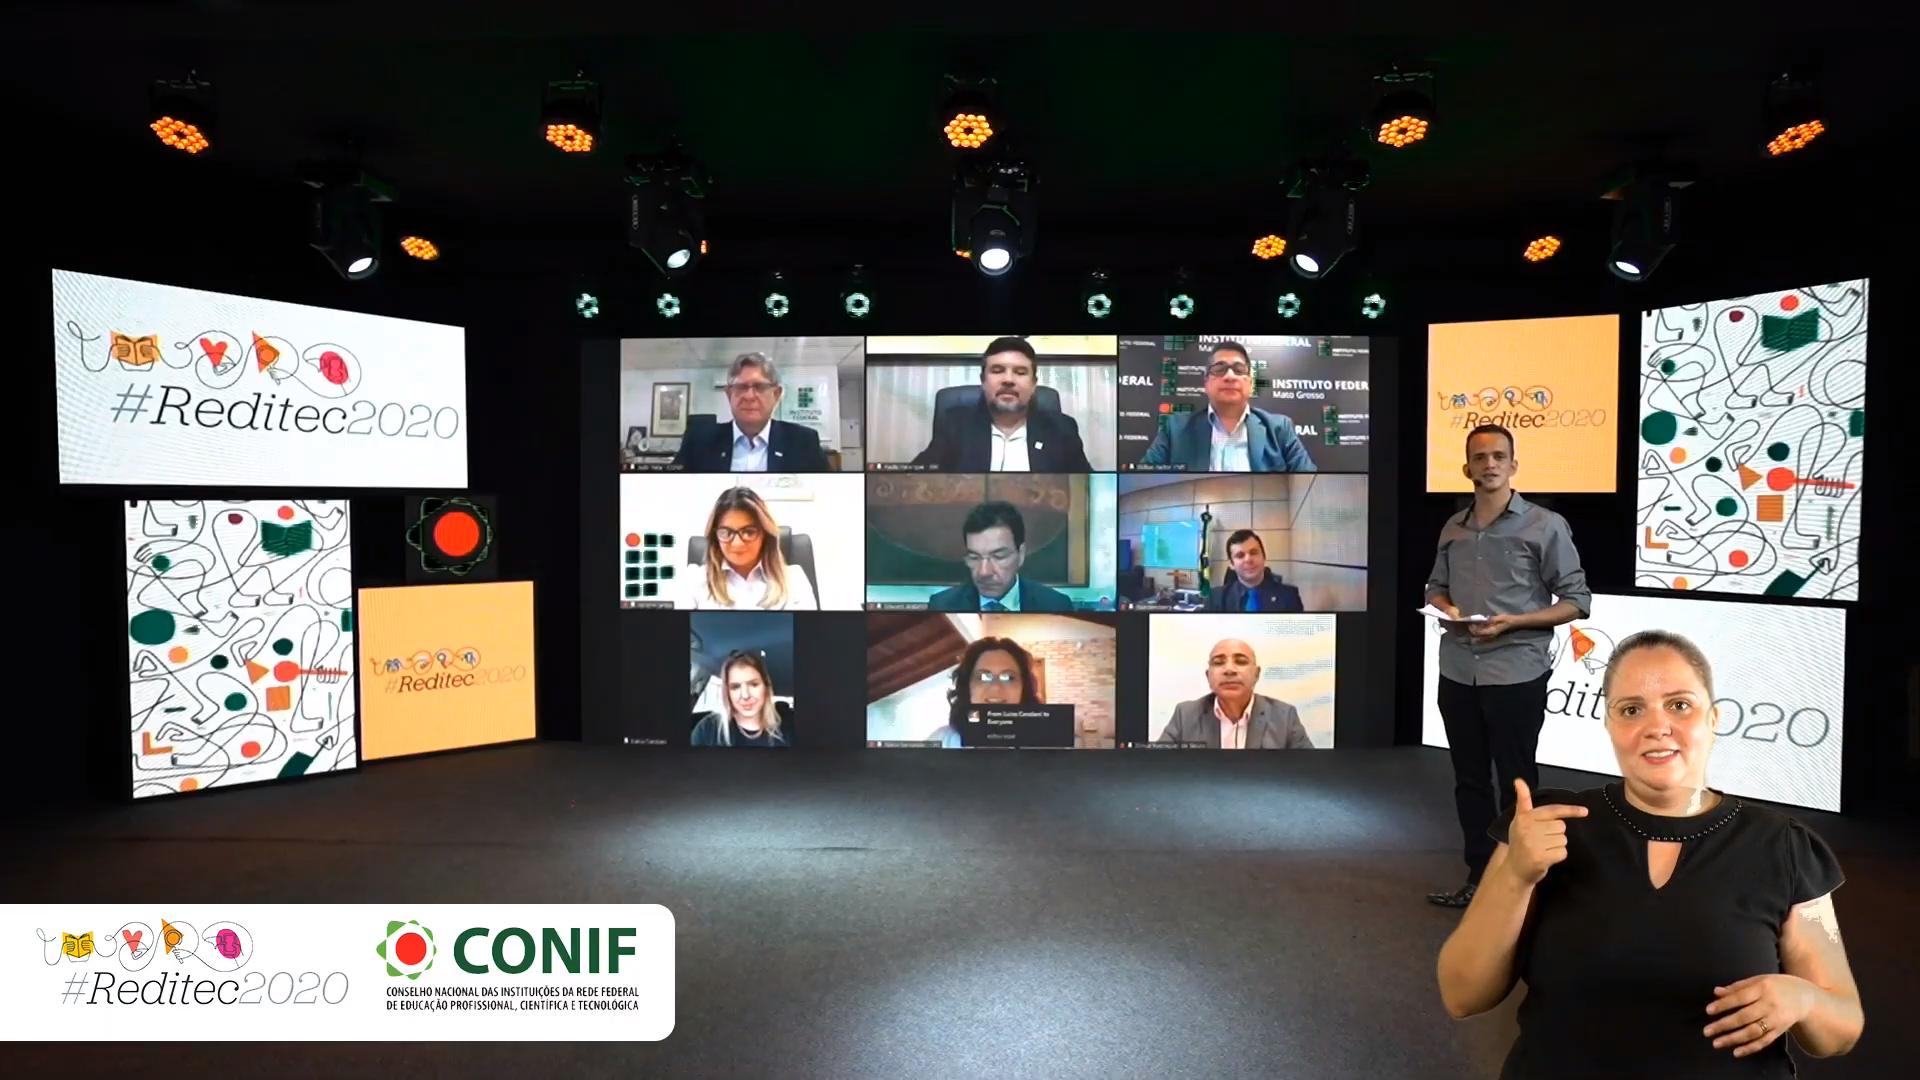 Solenidade interativa e inclusiva marca o início da primeira Reditec em formato totalmente digital